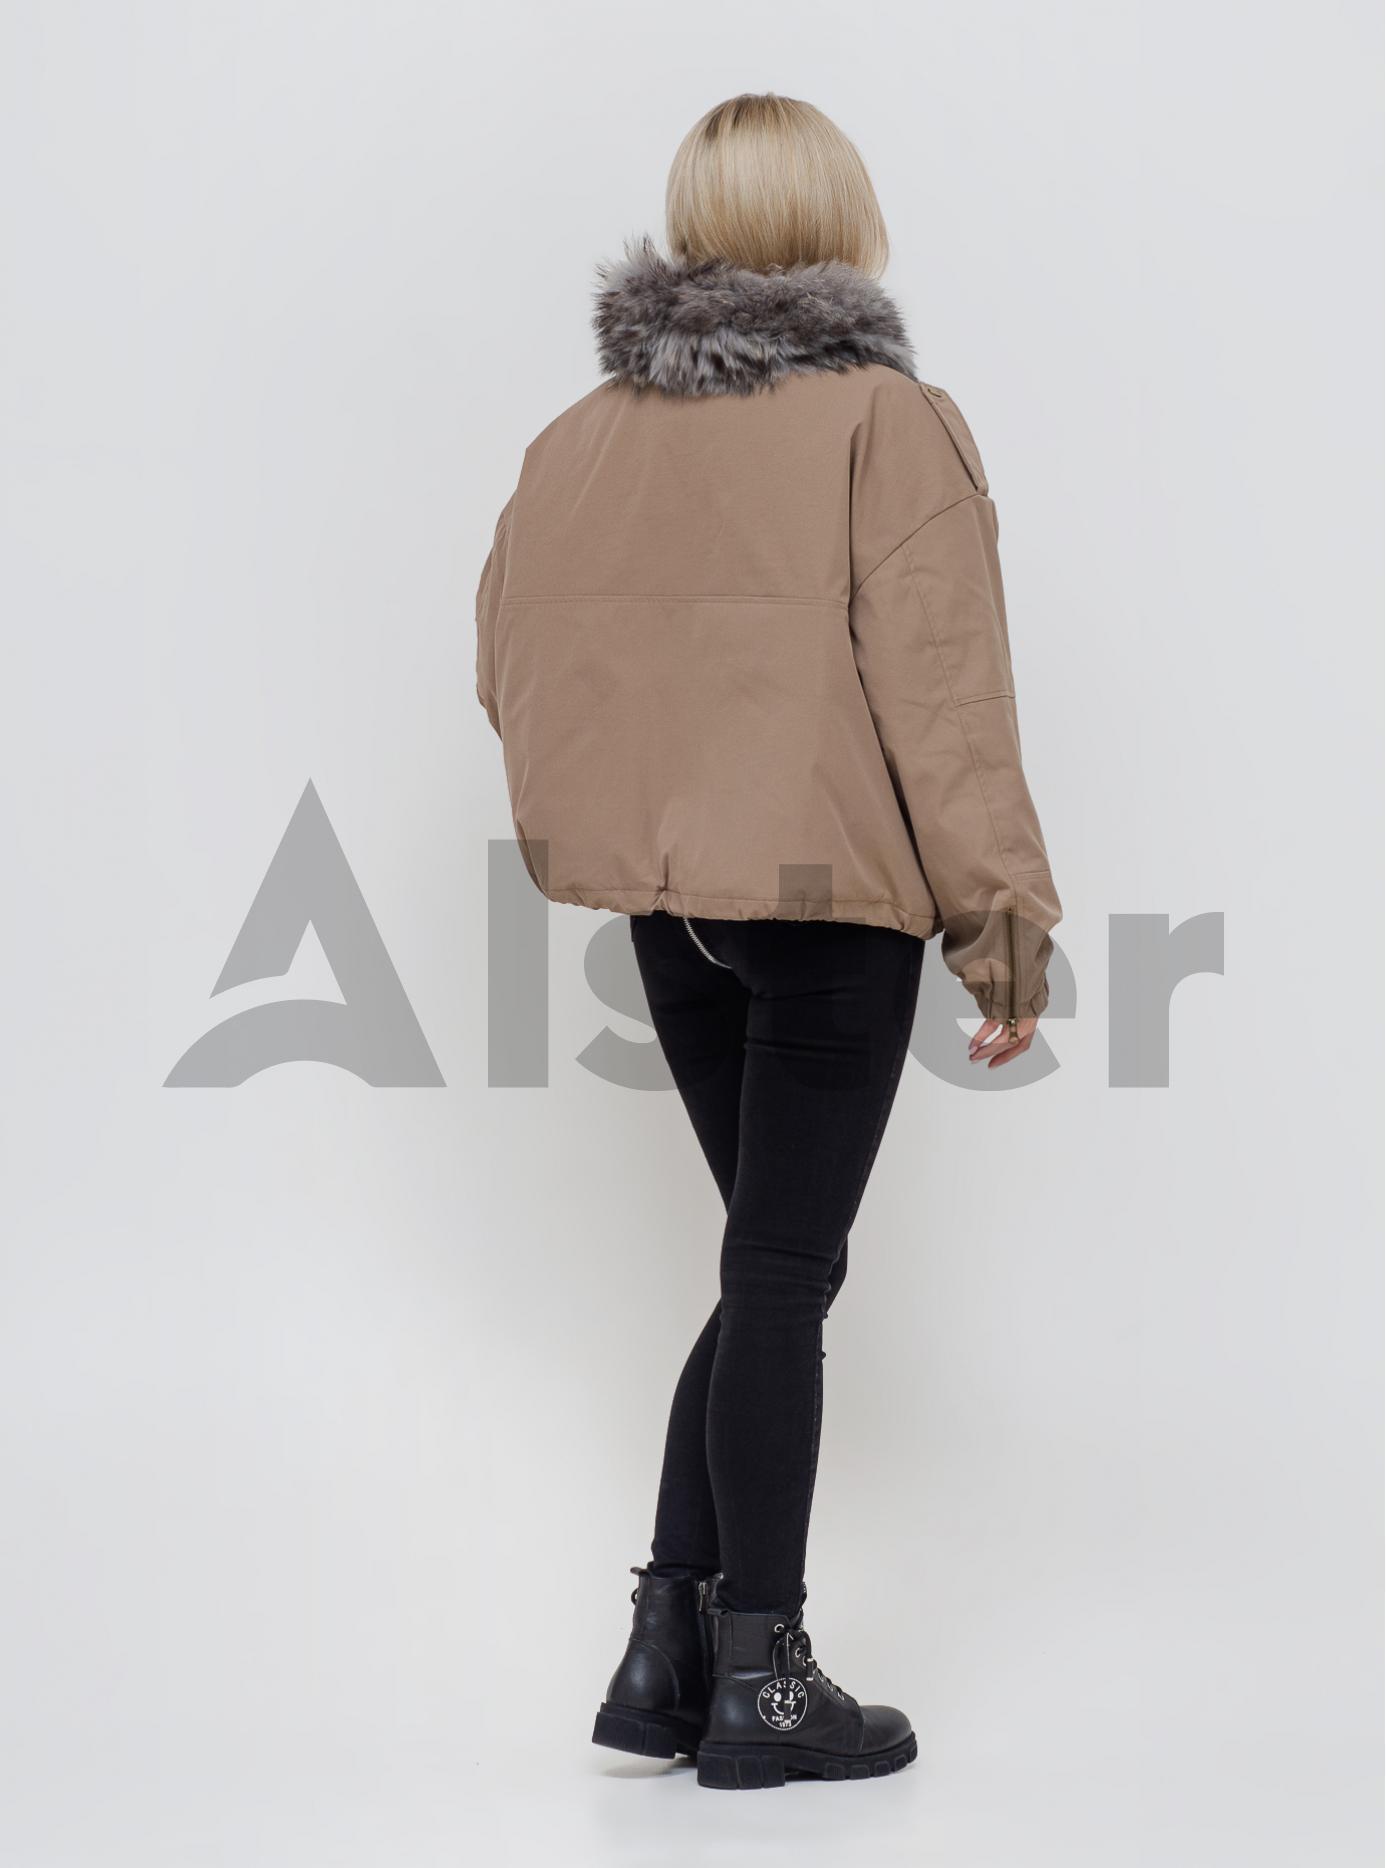 Куртка зимова жіноча Бронзовий L/XL (06-KL201216): фото - Alster.ua